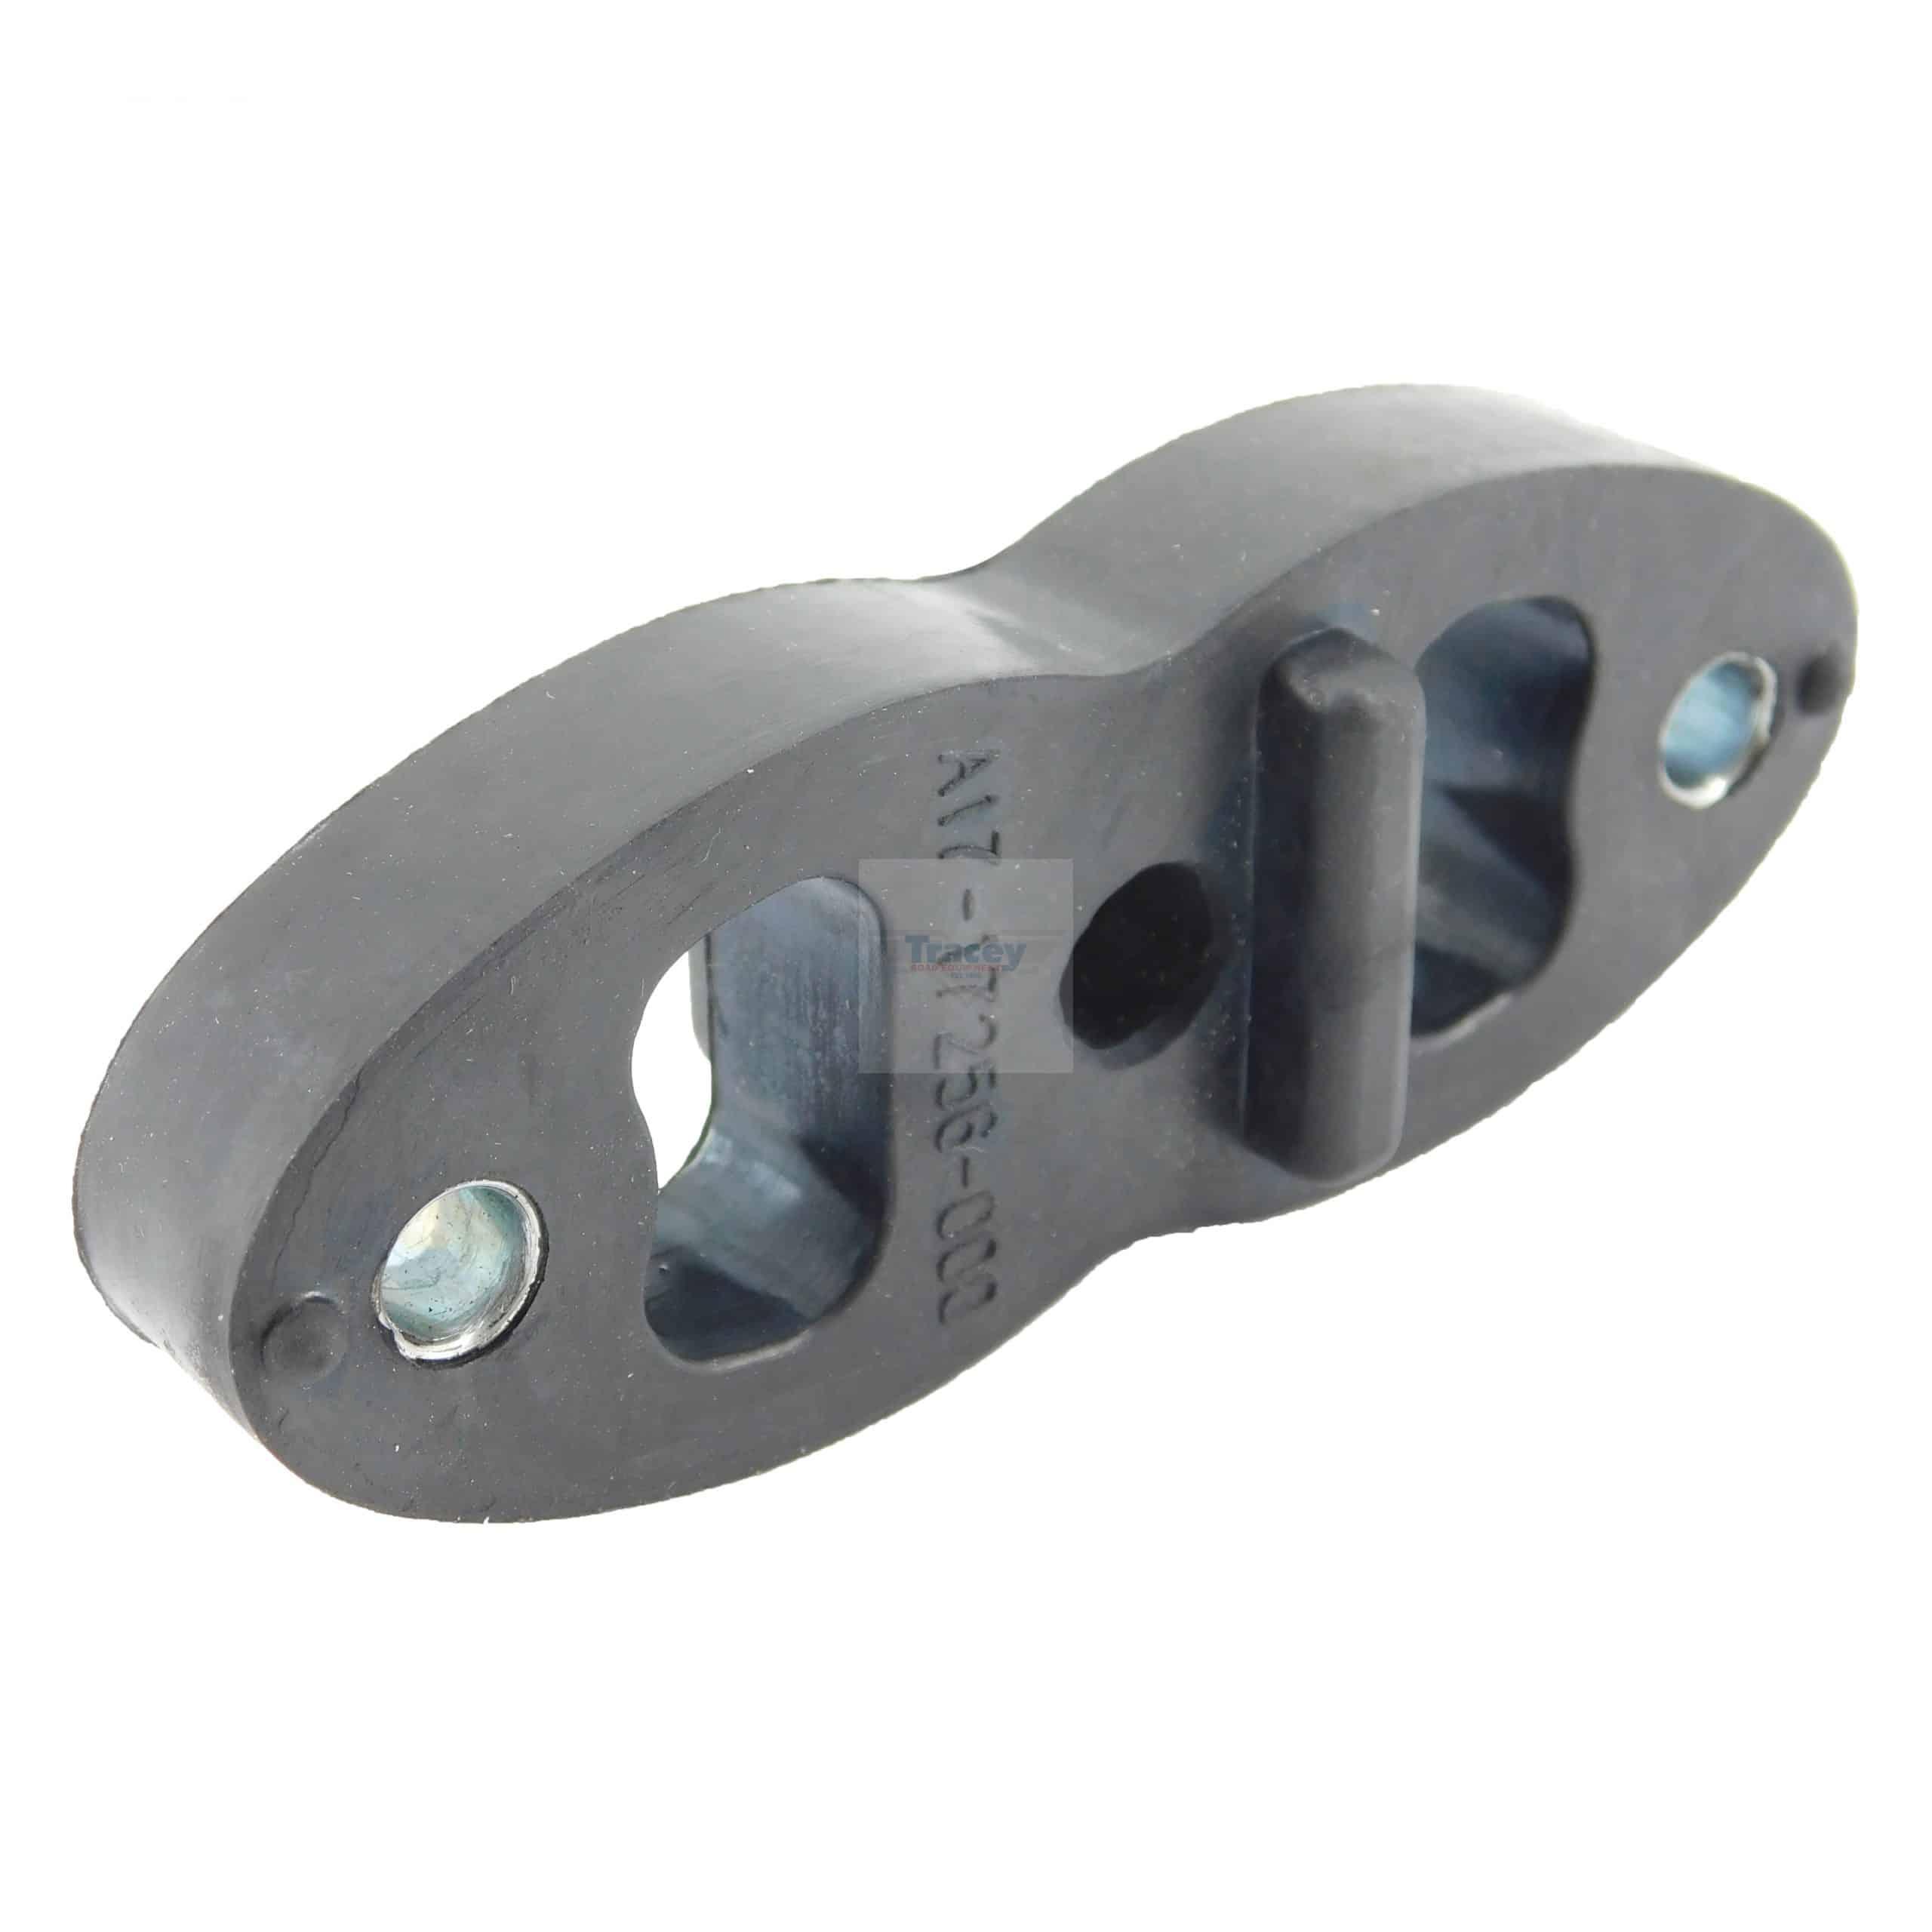 F6 FREIGHTLINER GRILLE MOUNT BRACKET A17-17208-001